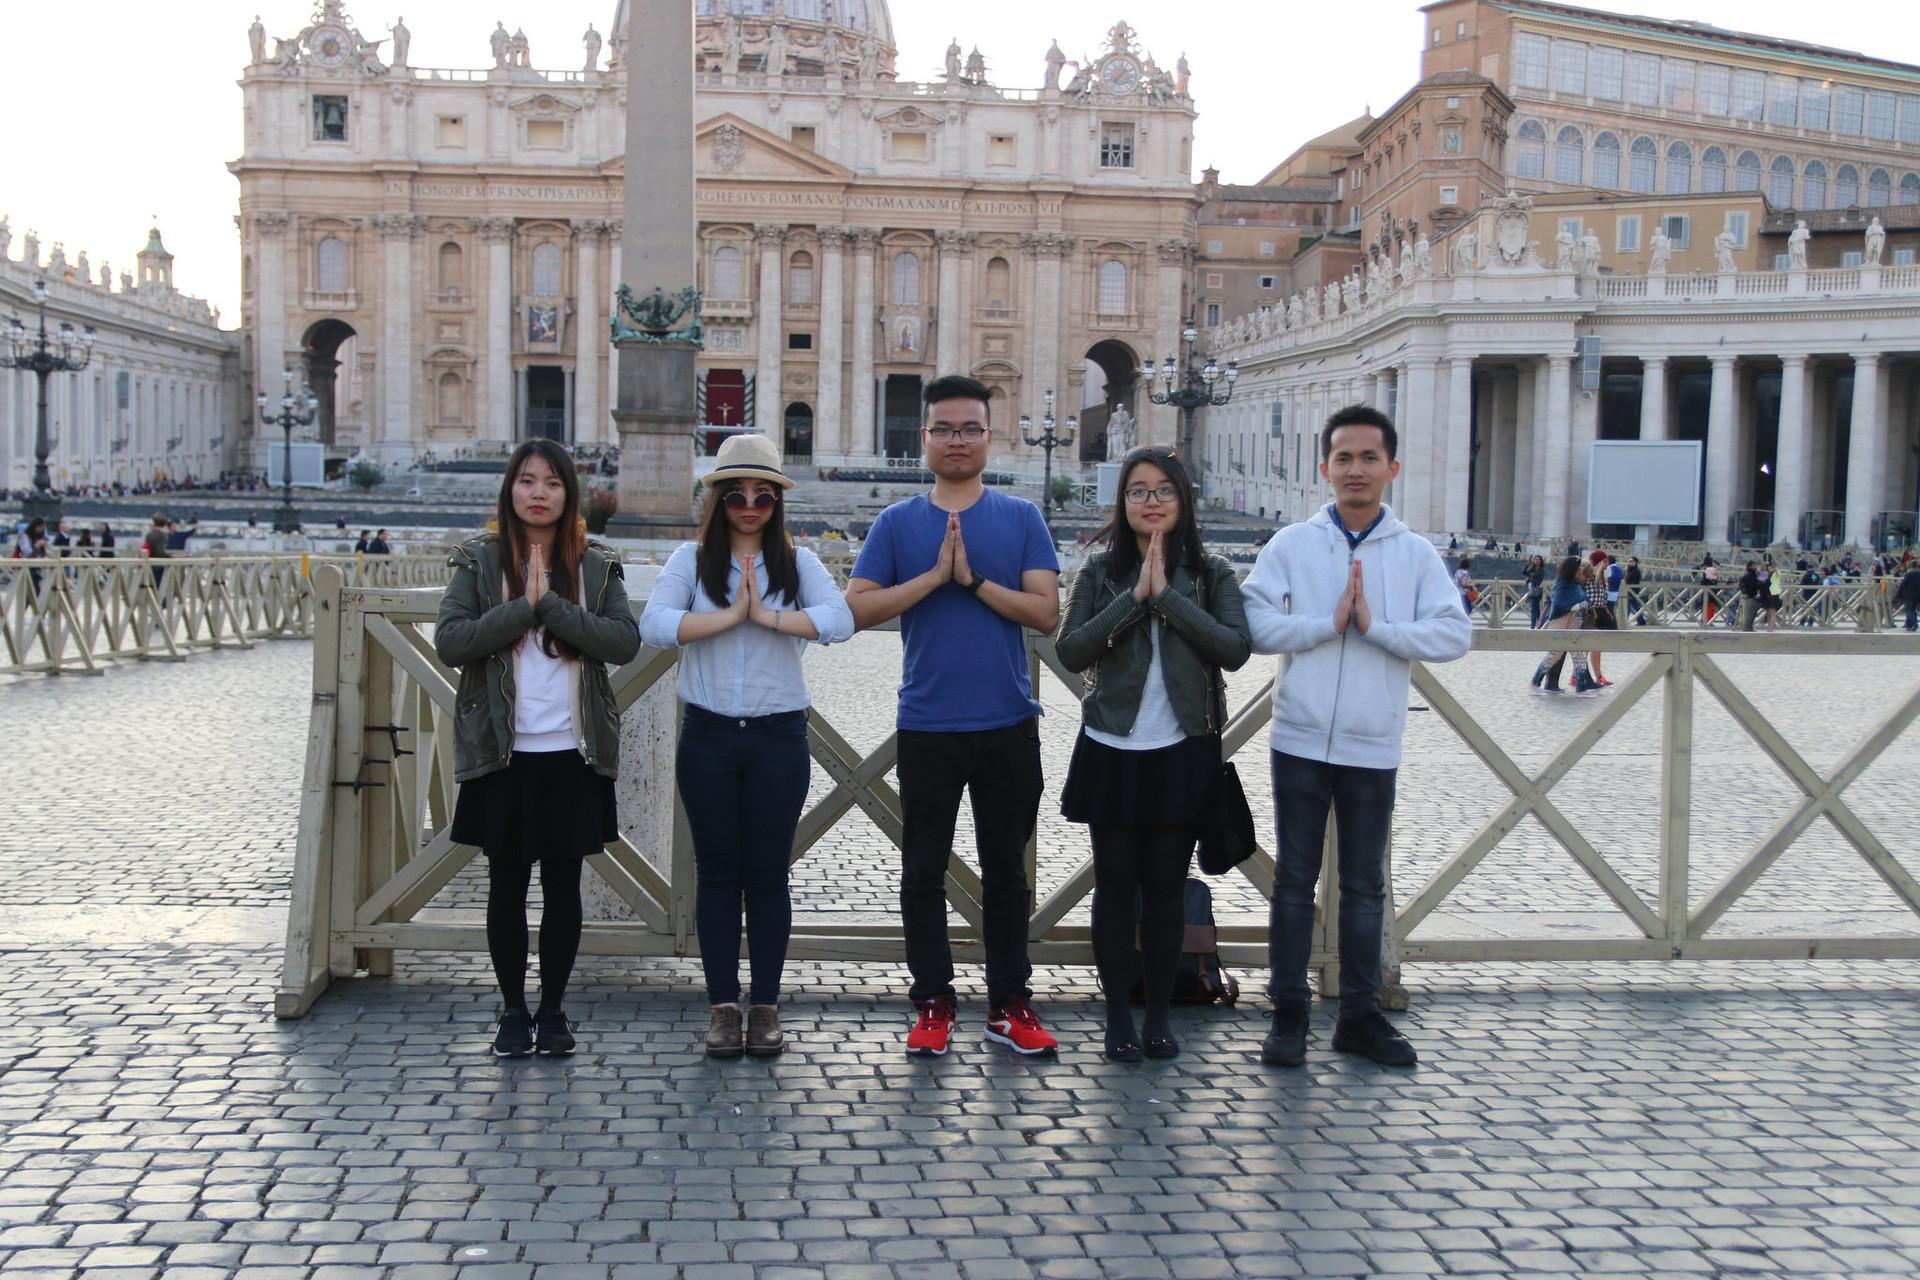 vatican-friends-00effa3ffbb44d260831f5b9